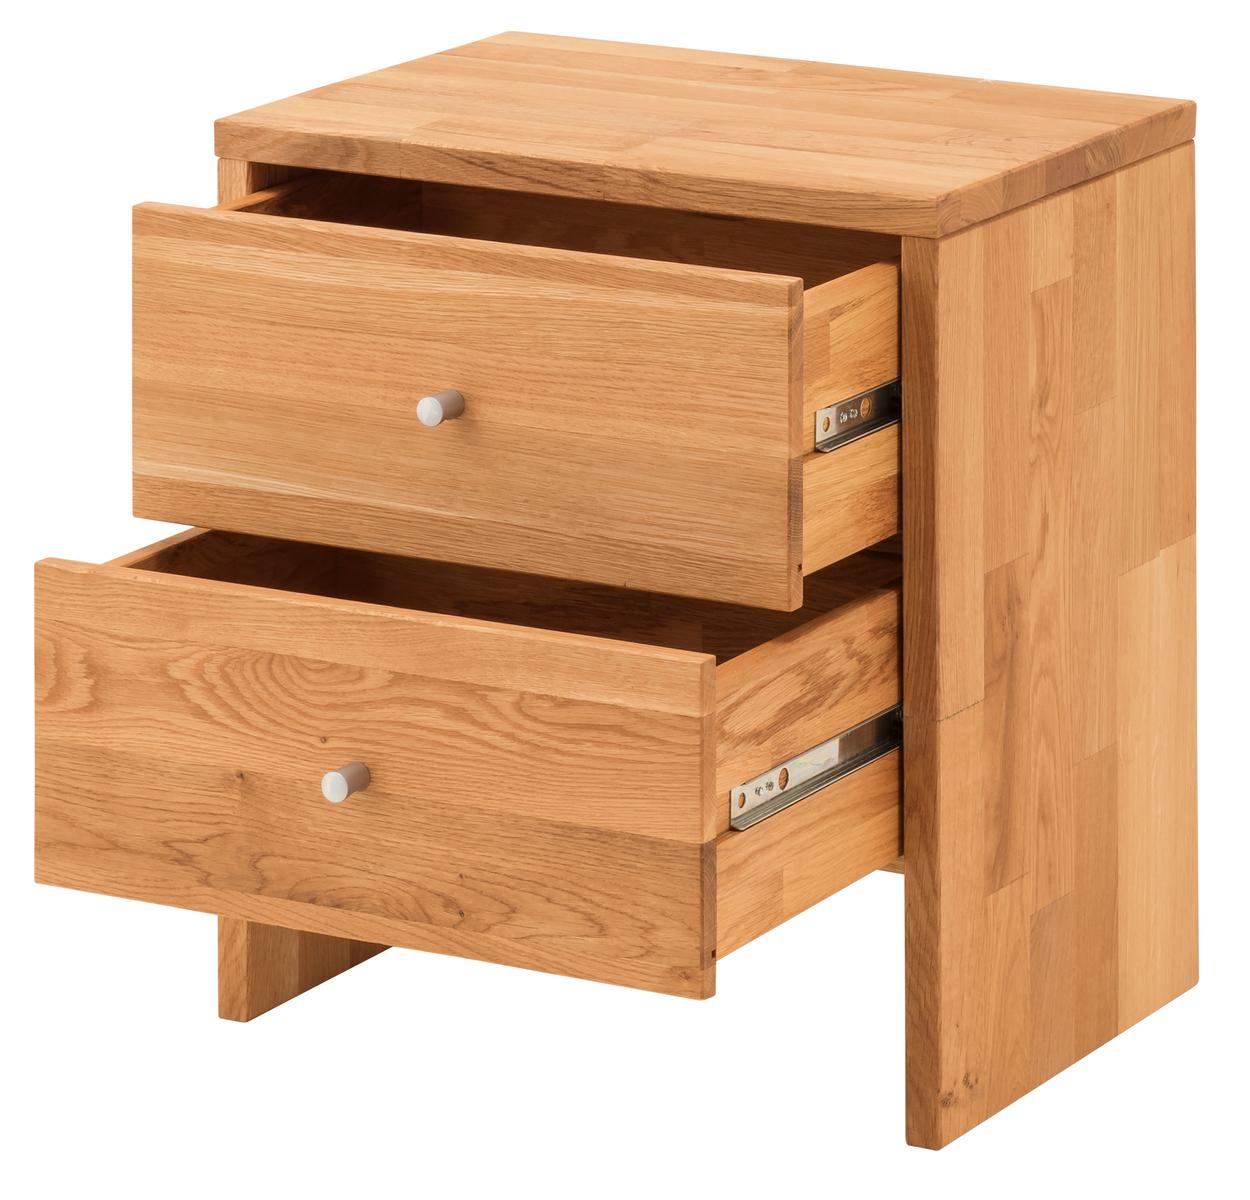 kleine kommode f r garderobe velkom von lars olesen. Black Bedroom Furniture Sets. Home Design Ideas